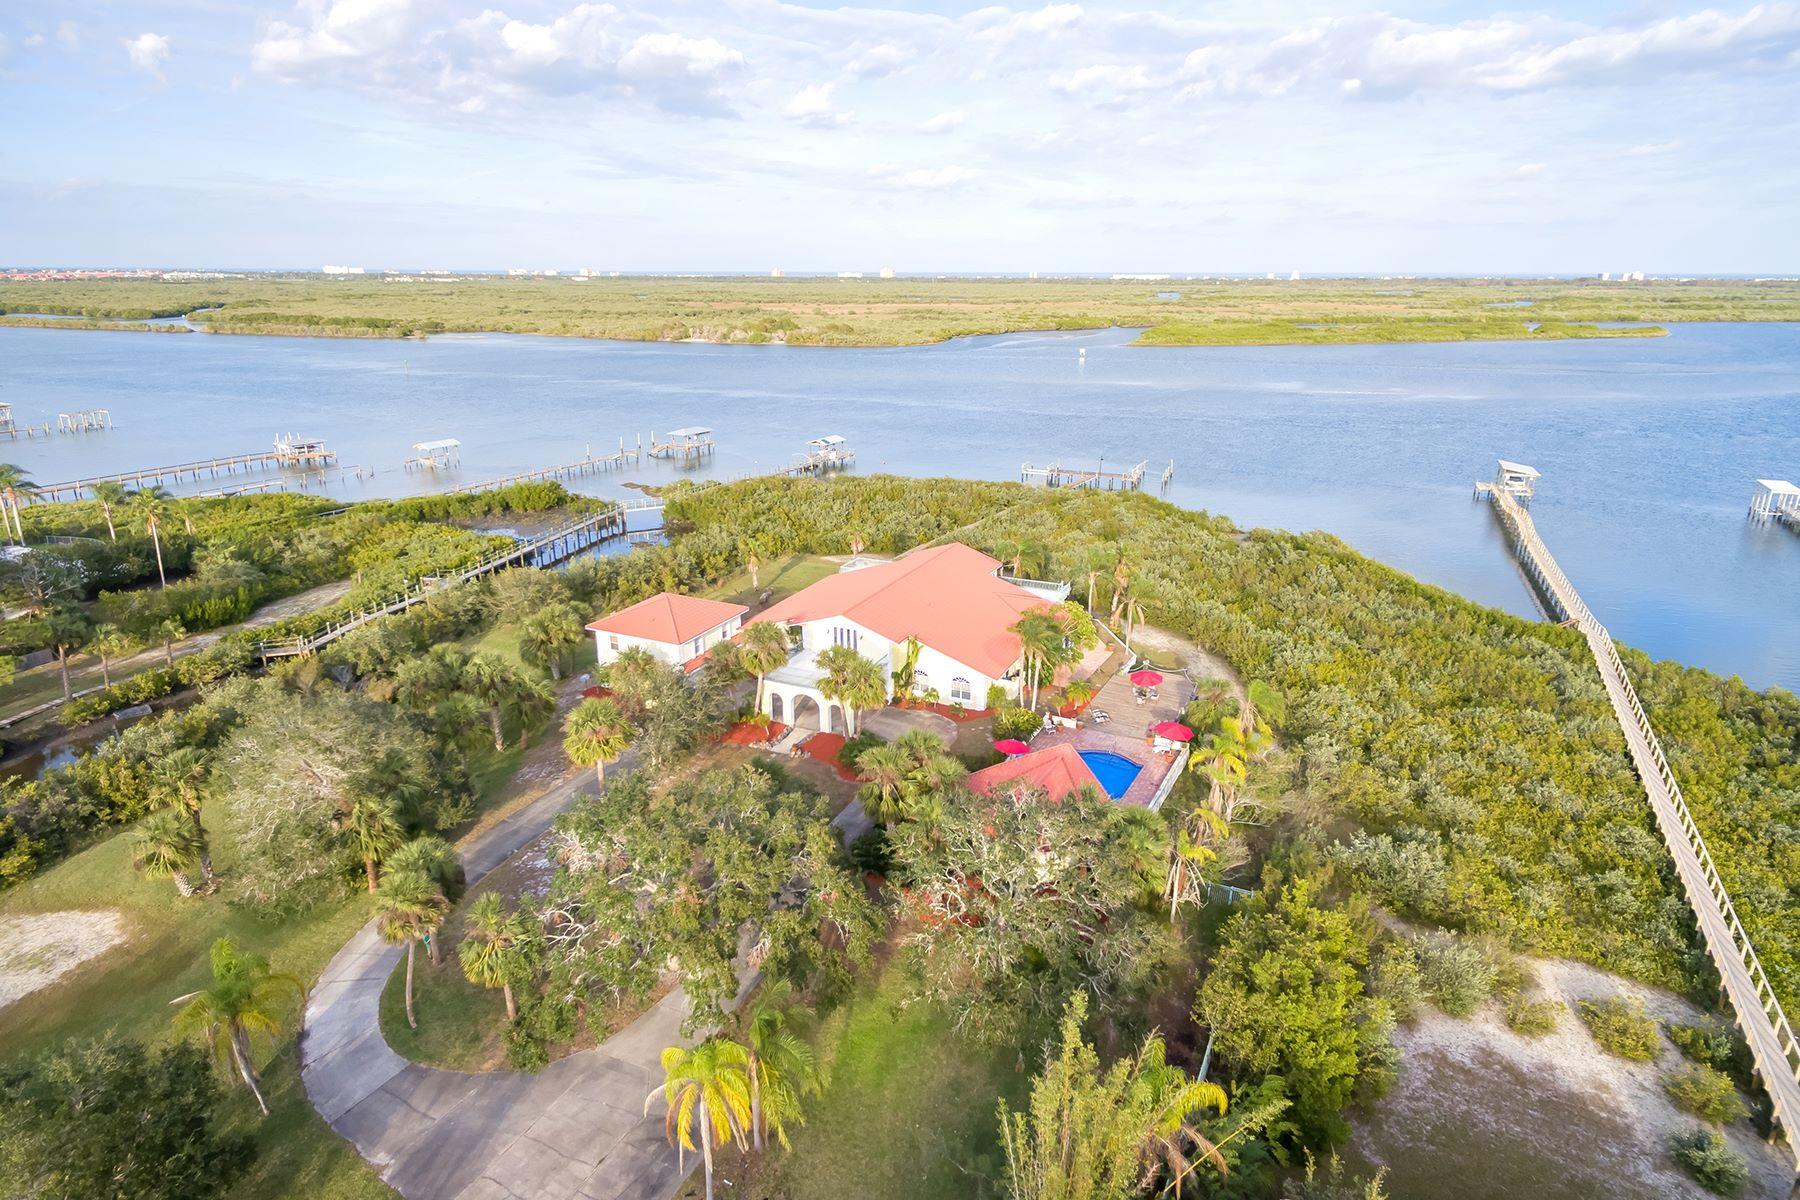 Casa Unifamiliar por un Venta en NEW SMYRNA BEACH - EDGEWATER 621 N Riverside Dr Edgewater, Florida 32132 Estados Unidos